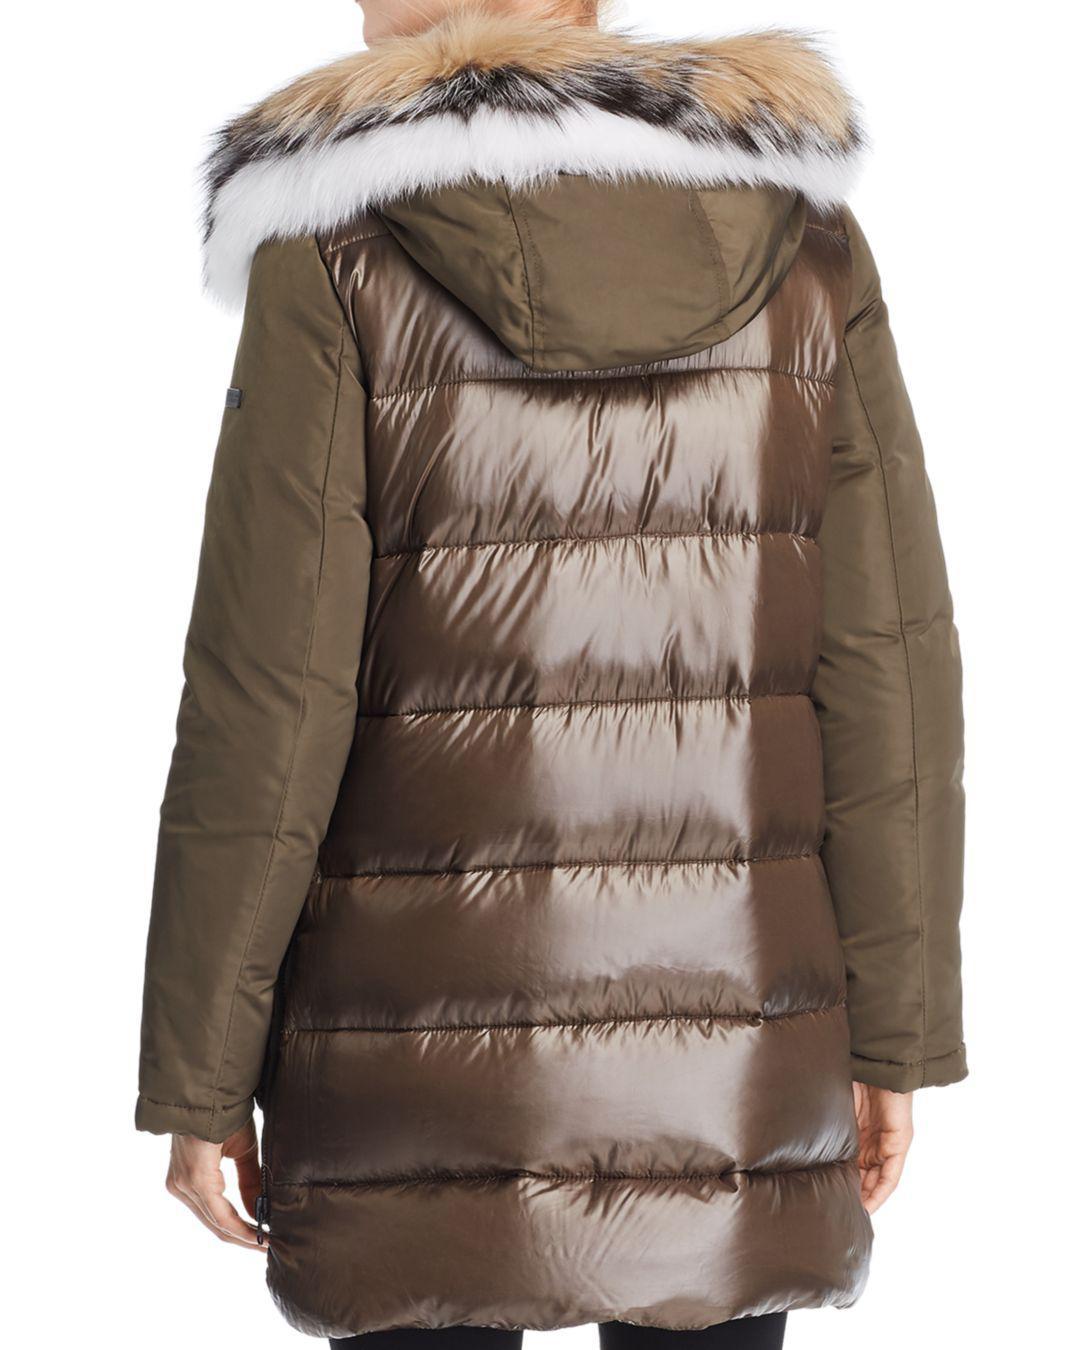 d8d284faf158 10 Crosby Derek Lam Fox Fur Trim Mixed Media Down Parka - Save 44% - Lyst